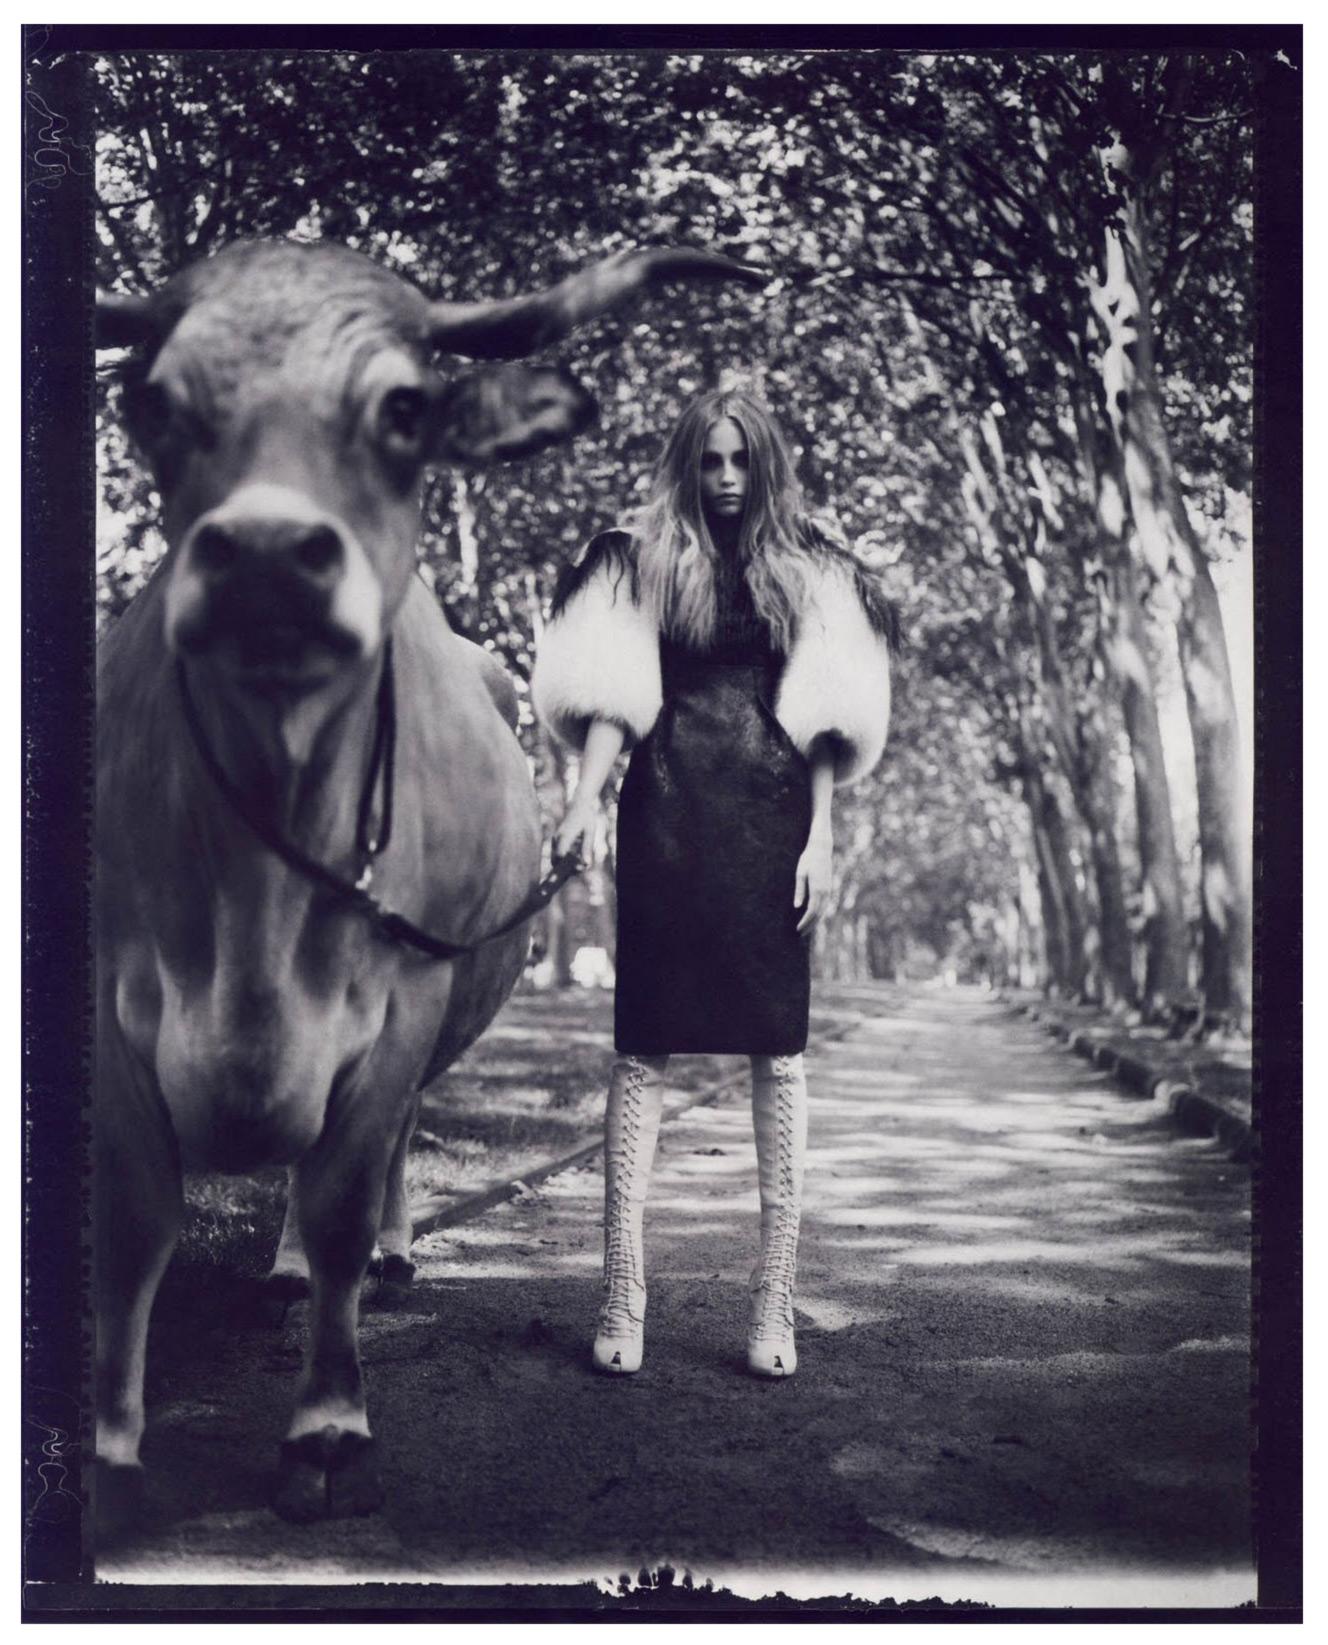 3 La Couture est Dans le Pré - Vogue Paris 2007 Oct